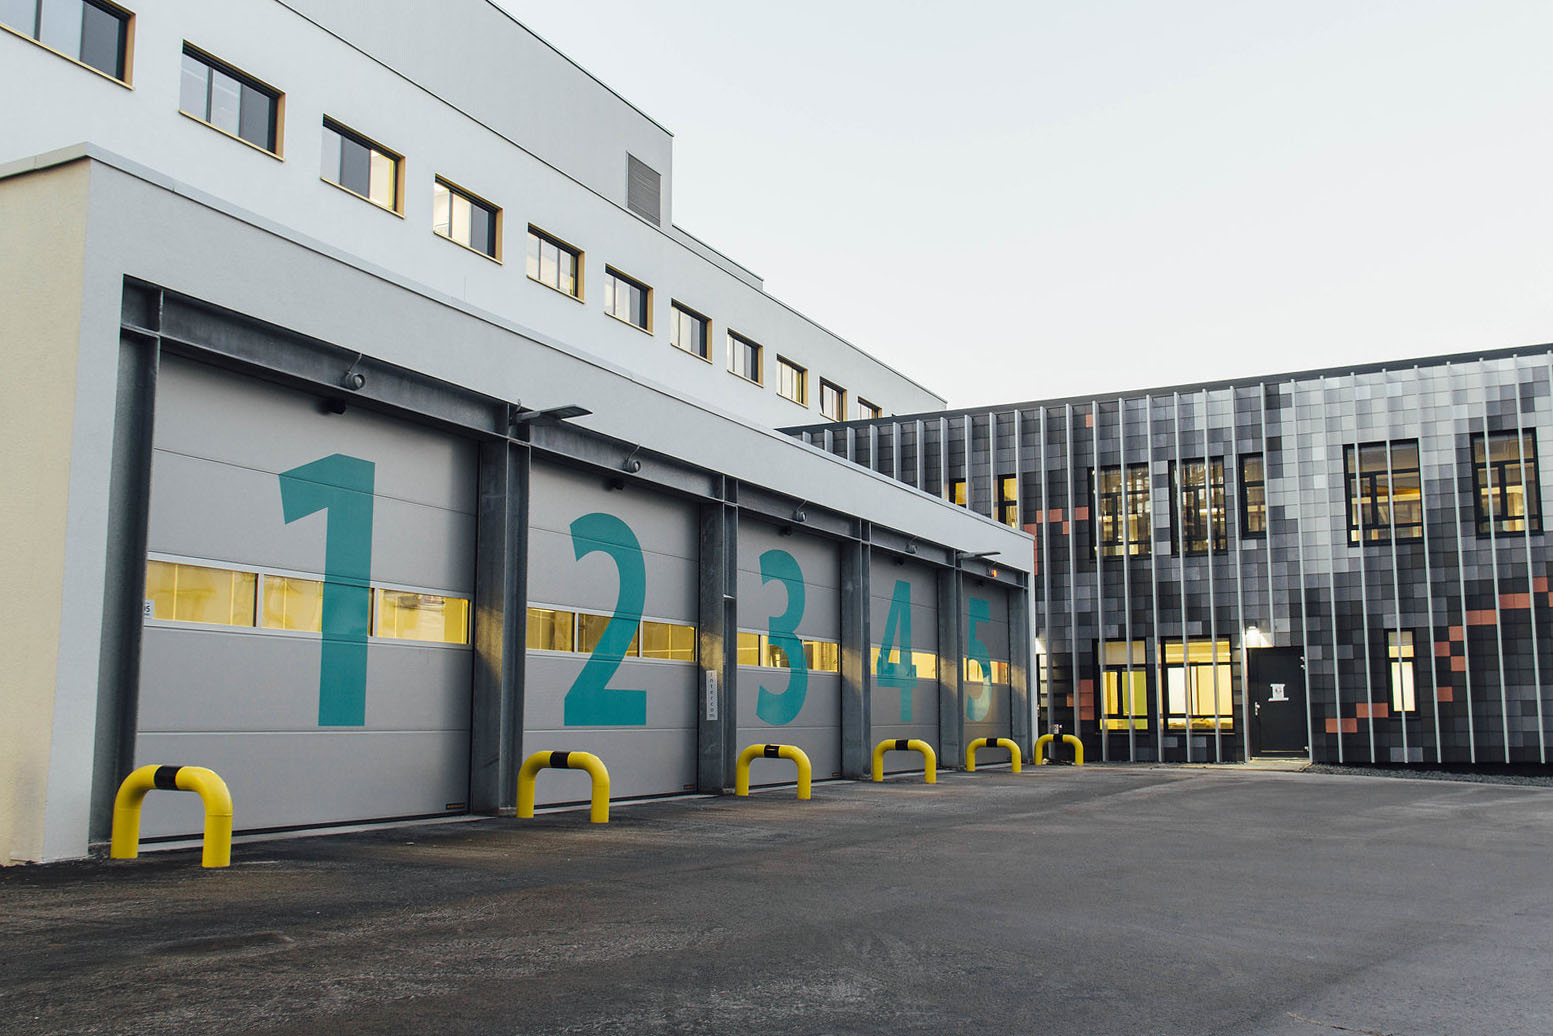 Martini Ziekenhuis Groningen - spoedpost